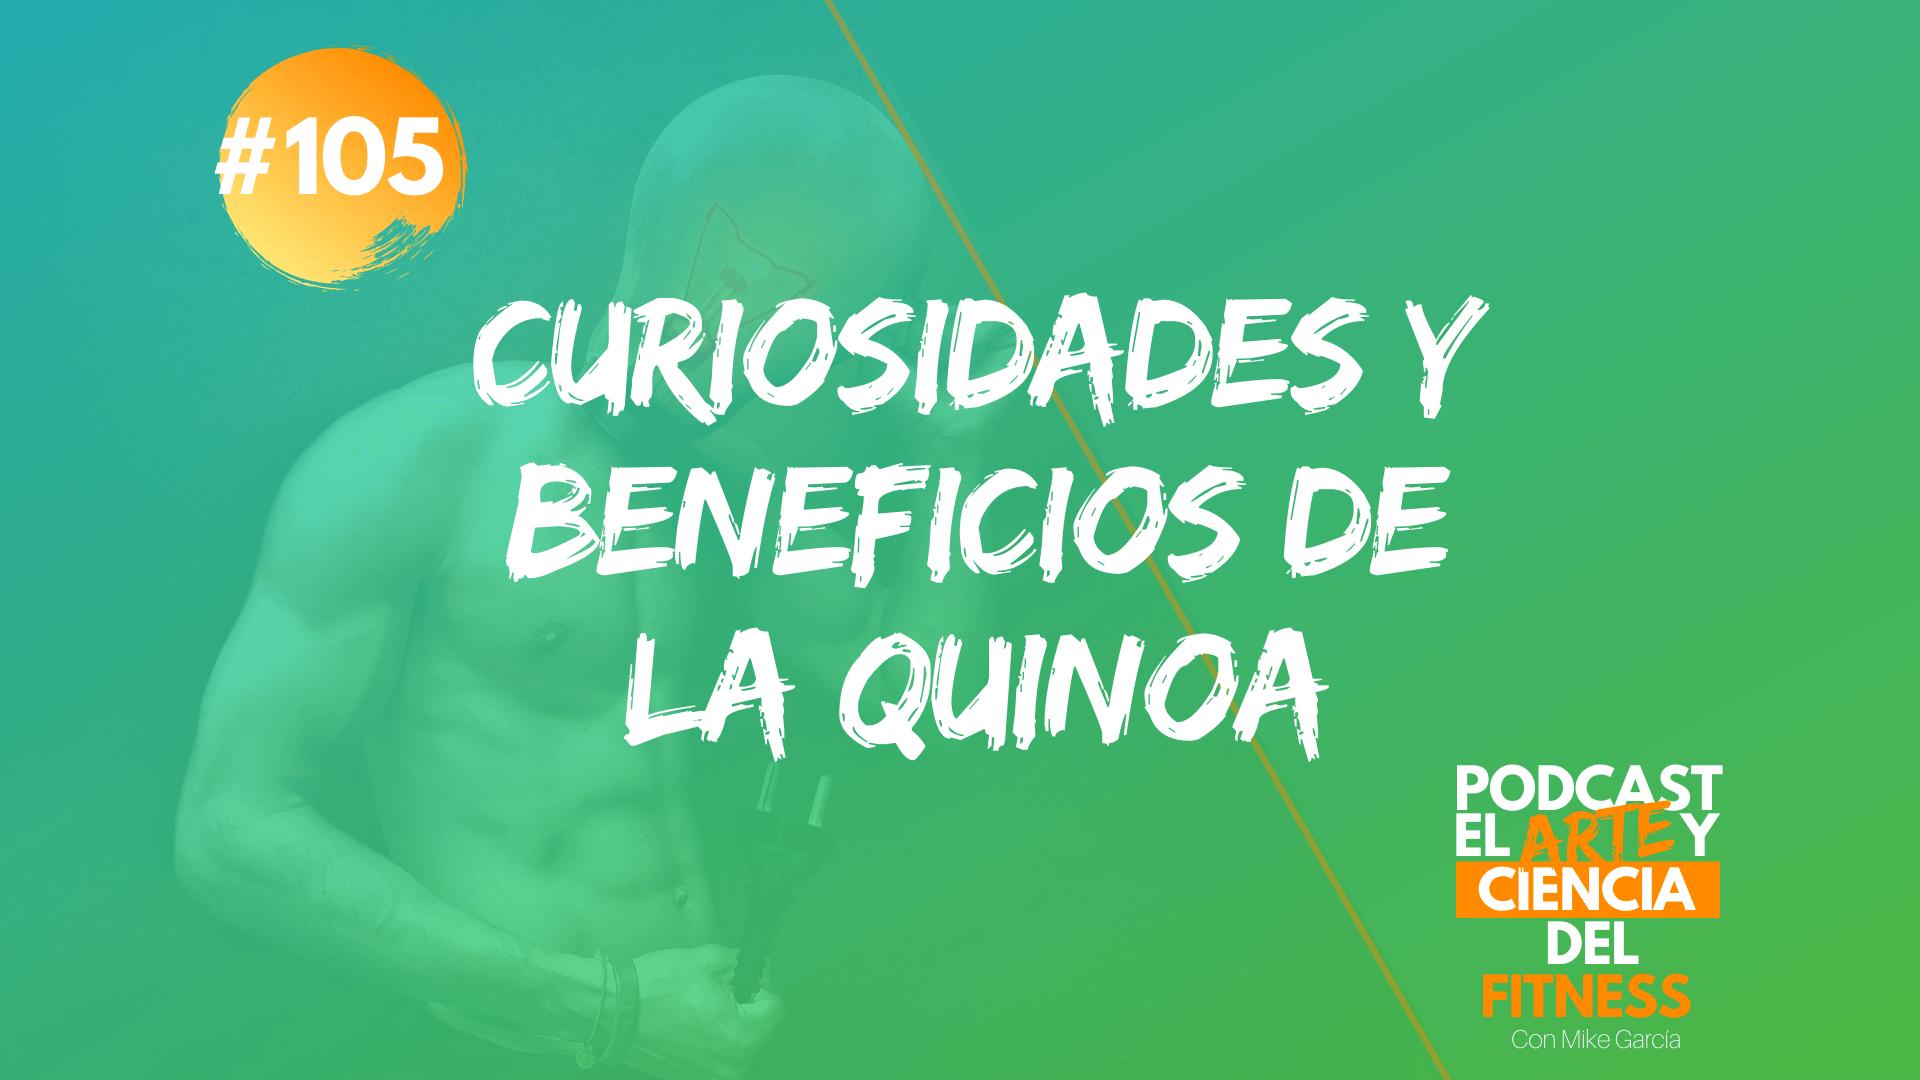 Podcast #105: Curiosidades y Beneficios de la Quinoa